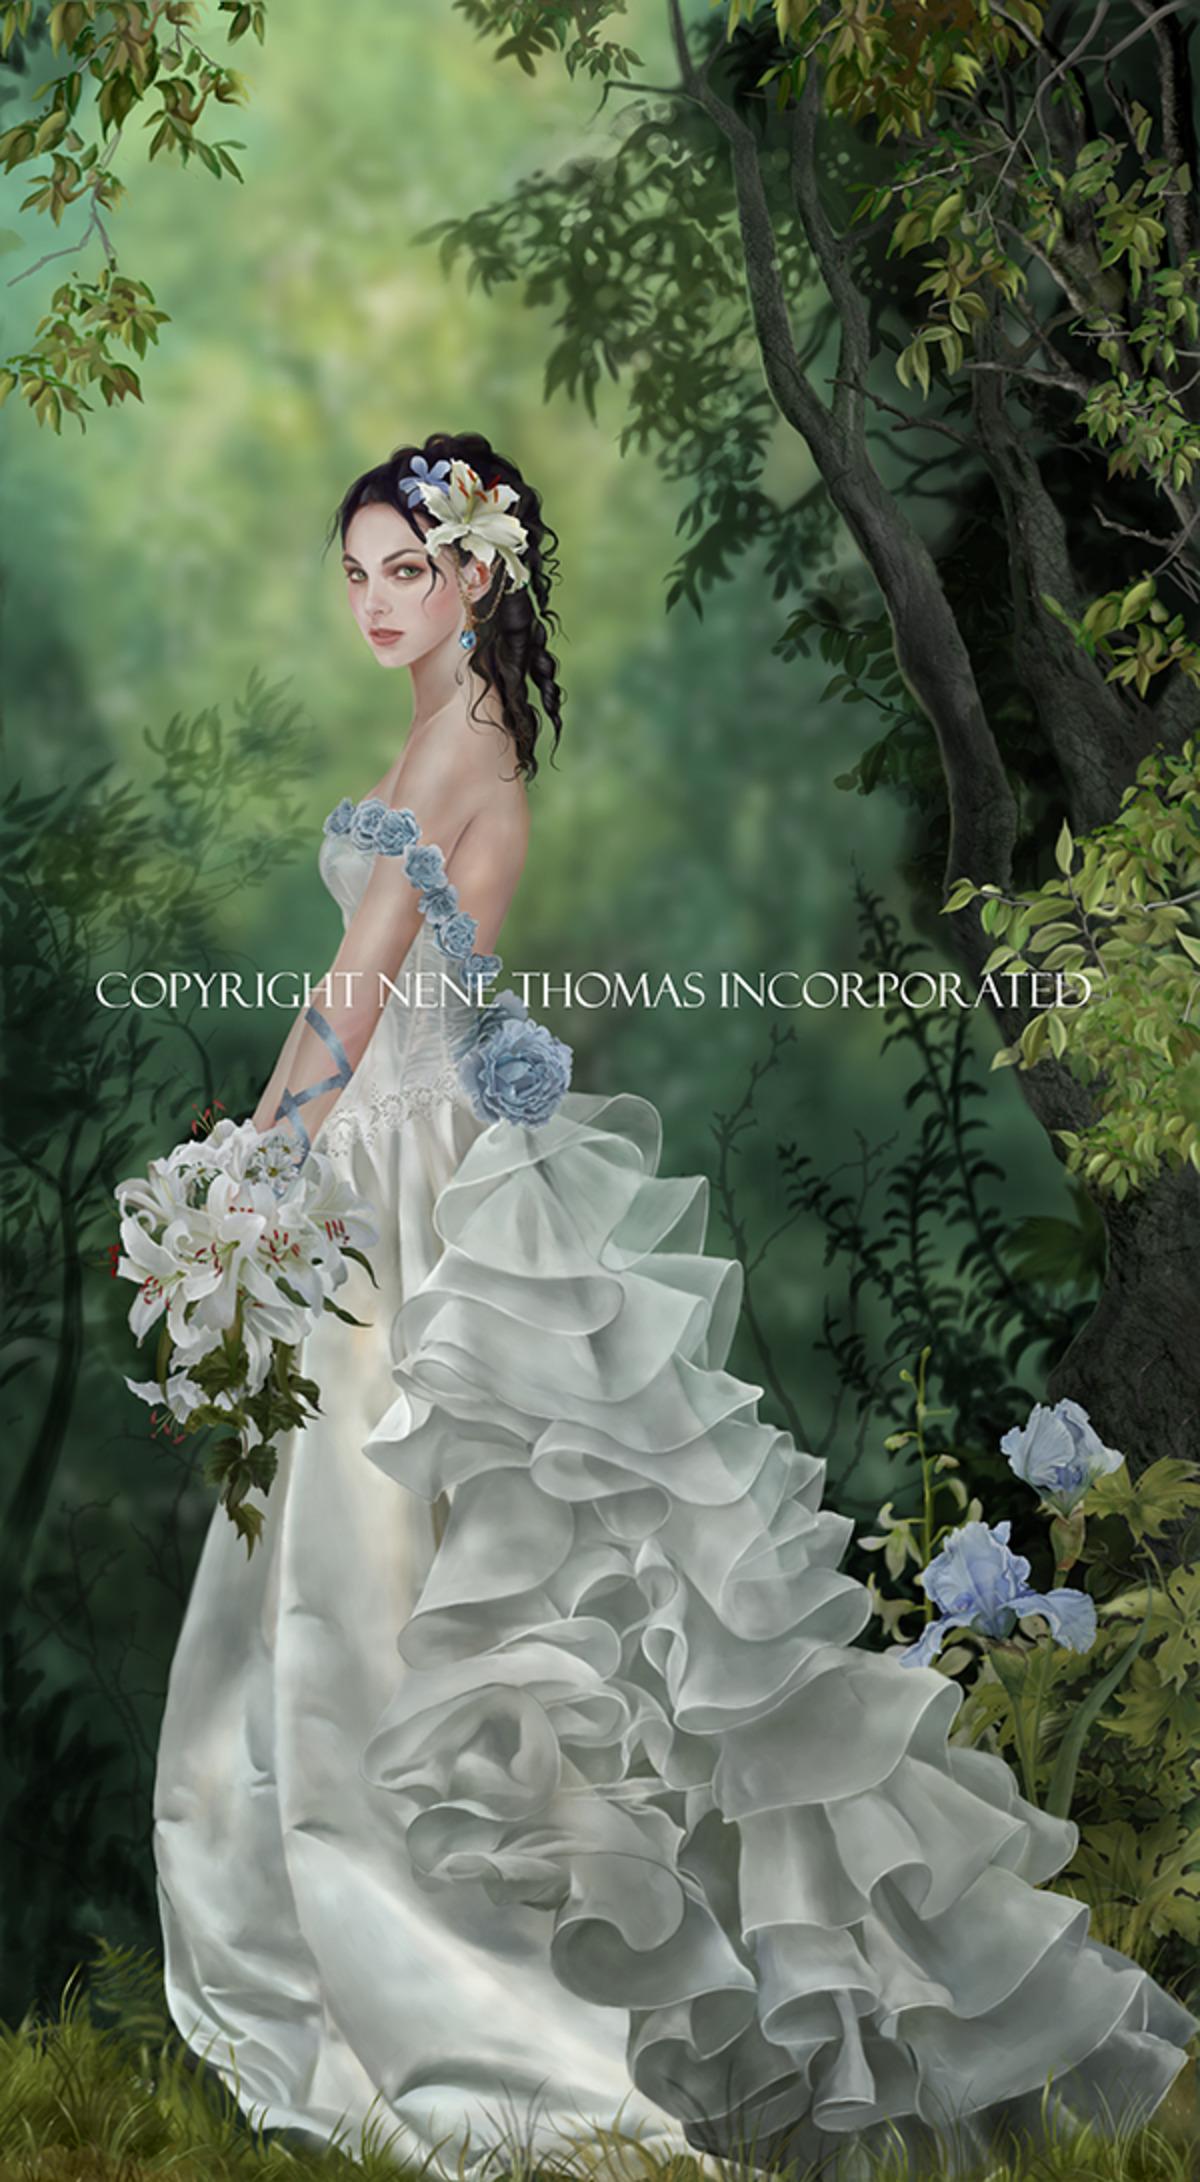 Princess Lyrahe